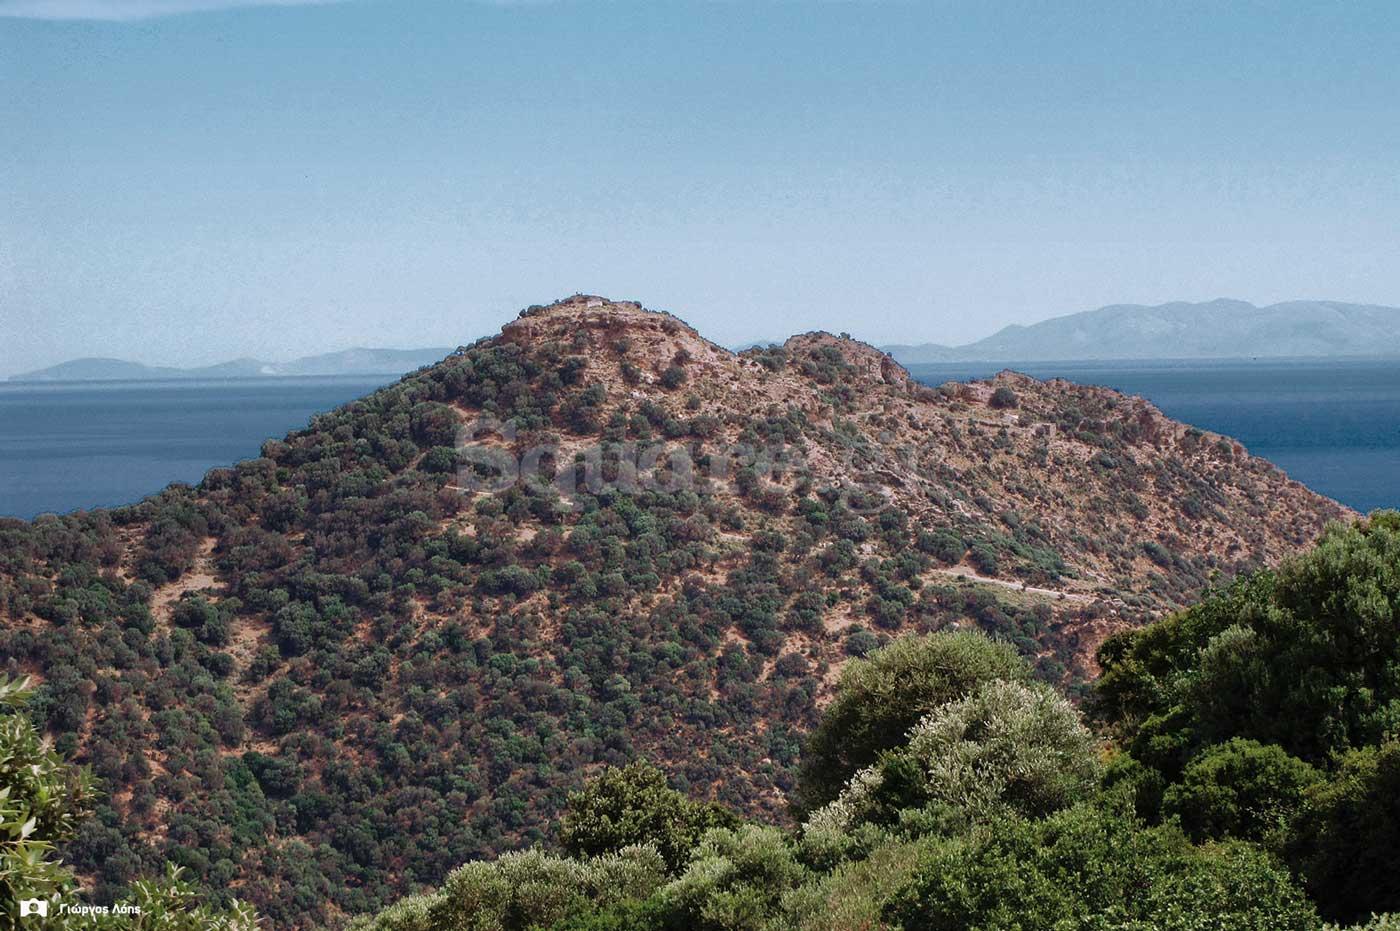 3-Το-κάστρο-της-Φυλάγρας-βρίσκονταν-επί-της-αριστερής-κορυφής